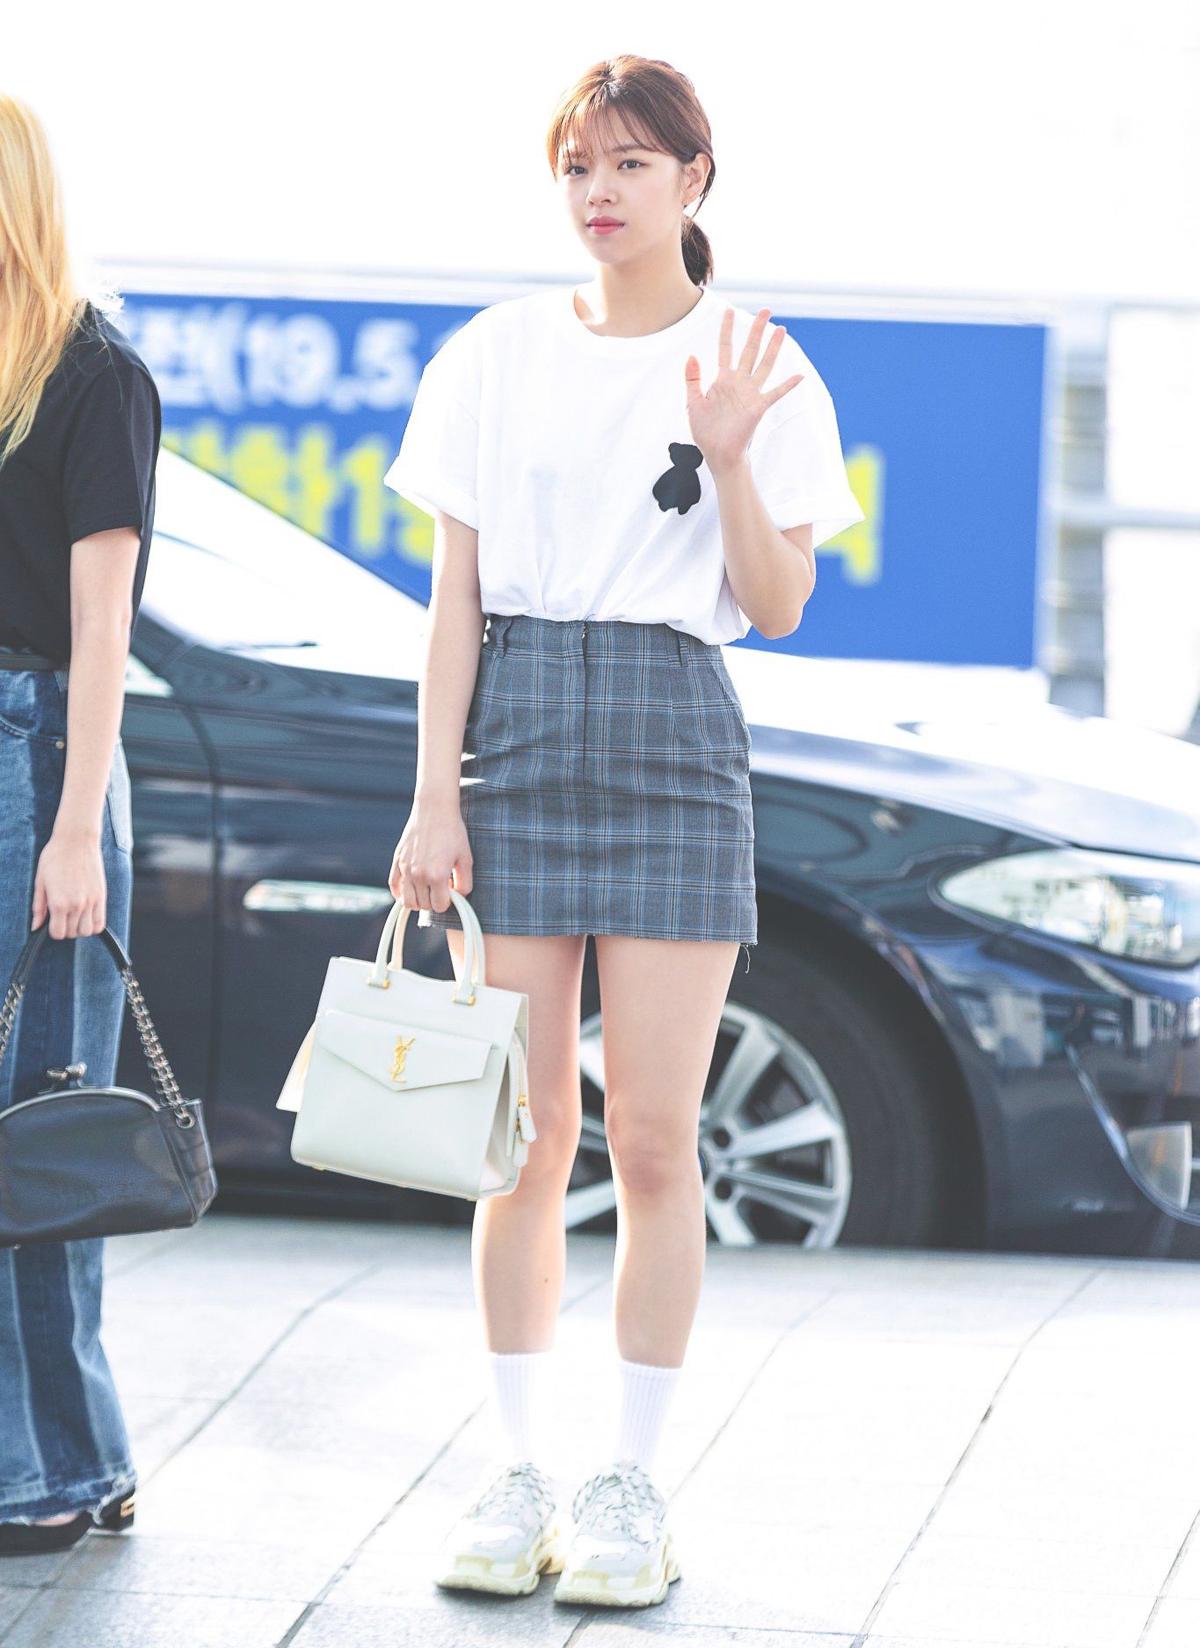 Jeong Yeon nữ tính với áo thun trắng phối cùng váy kẻ sọc, và giày chunky của thương hiệu Balenciaga. Set đồ đơn giản này của Jeong Yeon trở nên nổi bật khi cô nàng xách túi da Saint Laurent có giá gần 2500 đô.